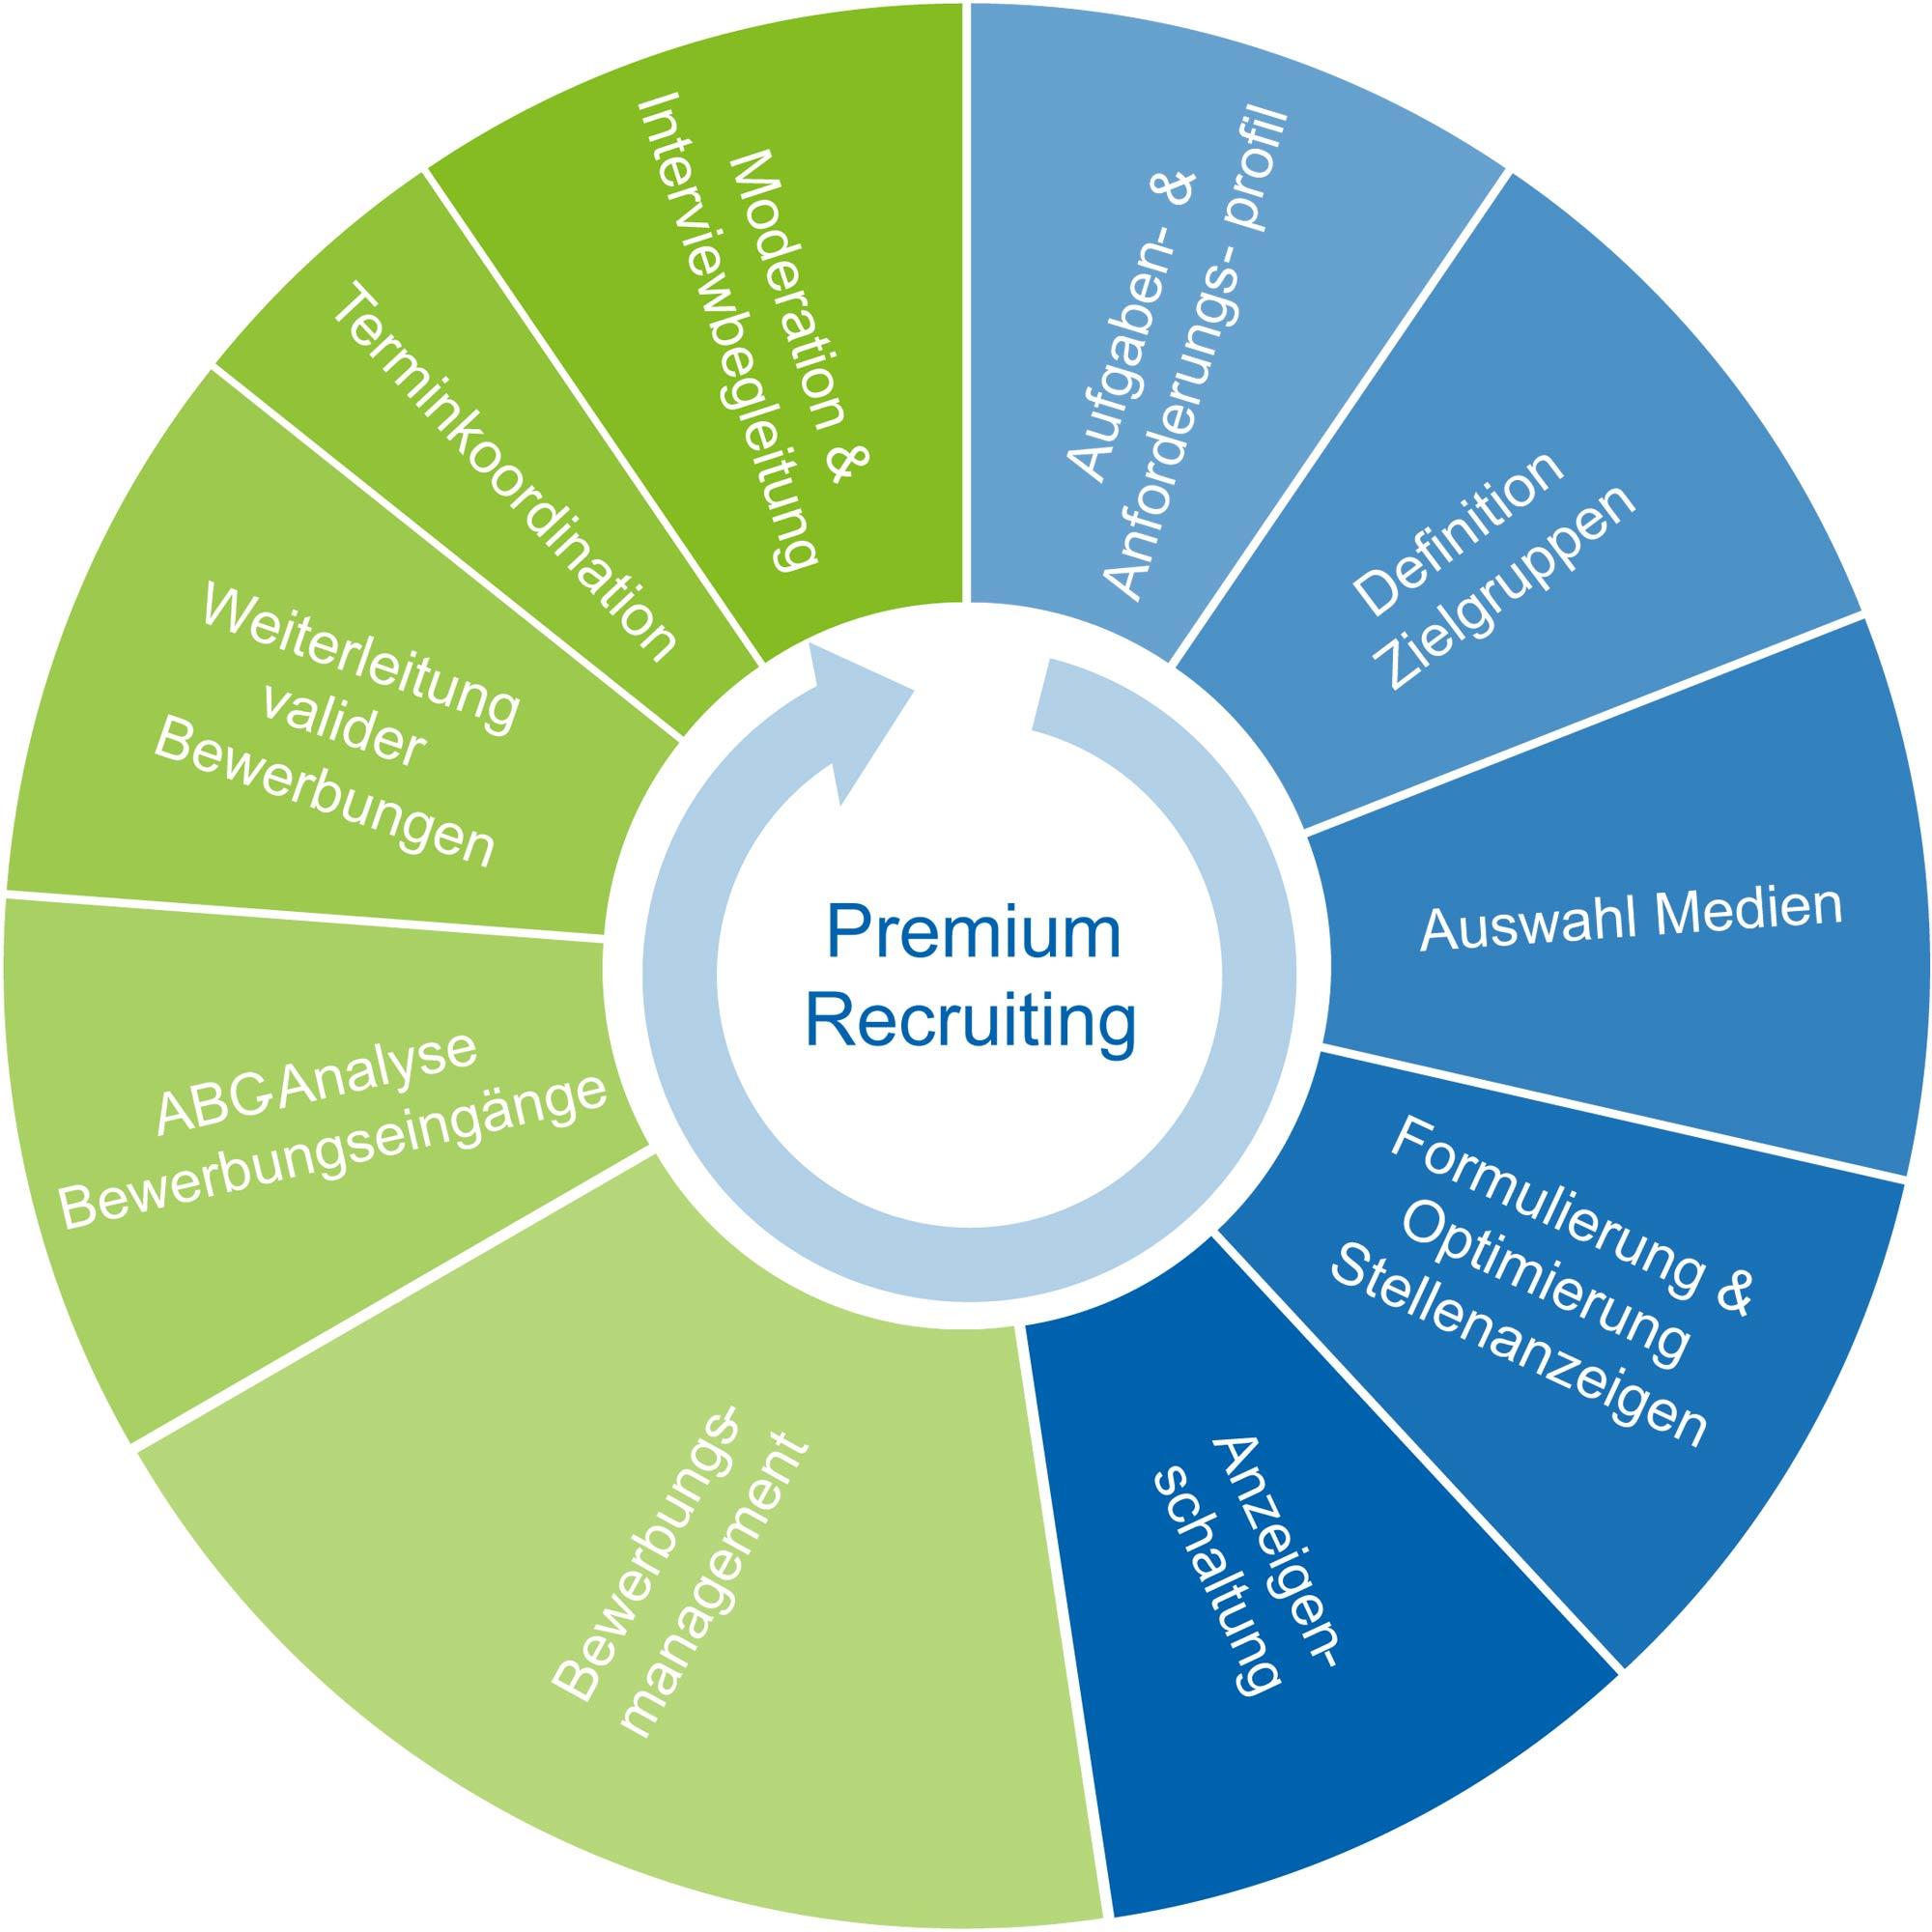 Schlanke und Effiziente Lösungen mit unserem Premium Recruiting.